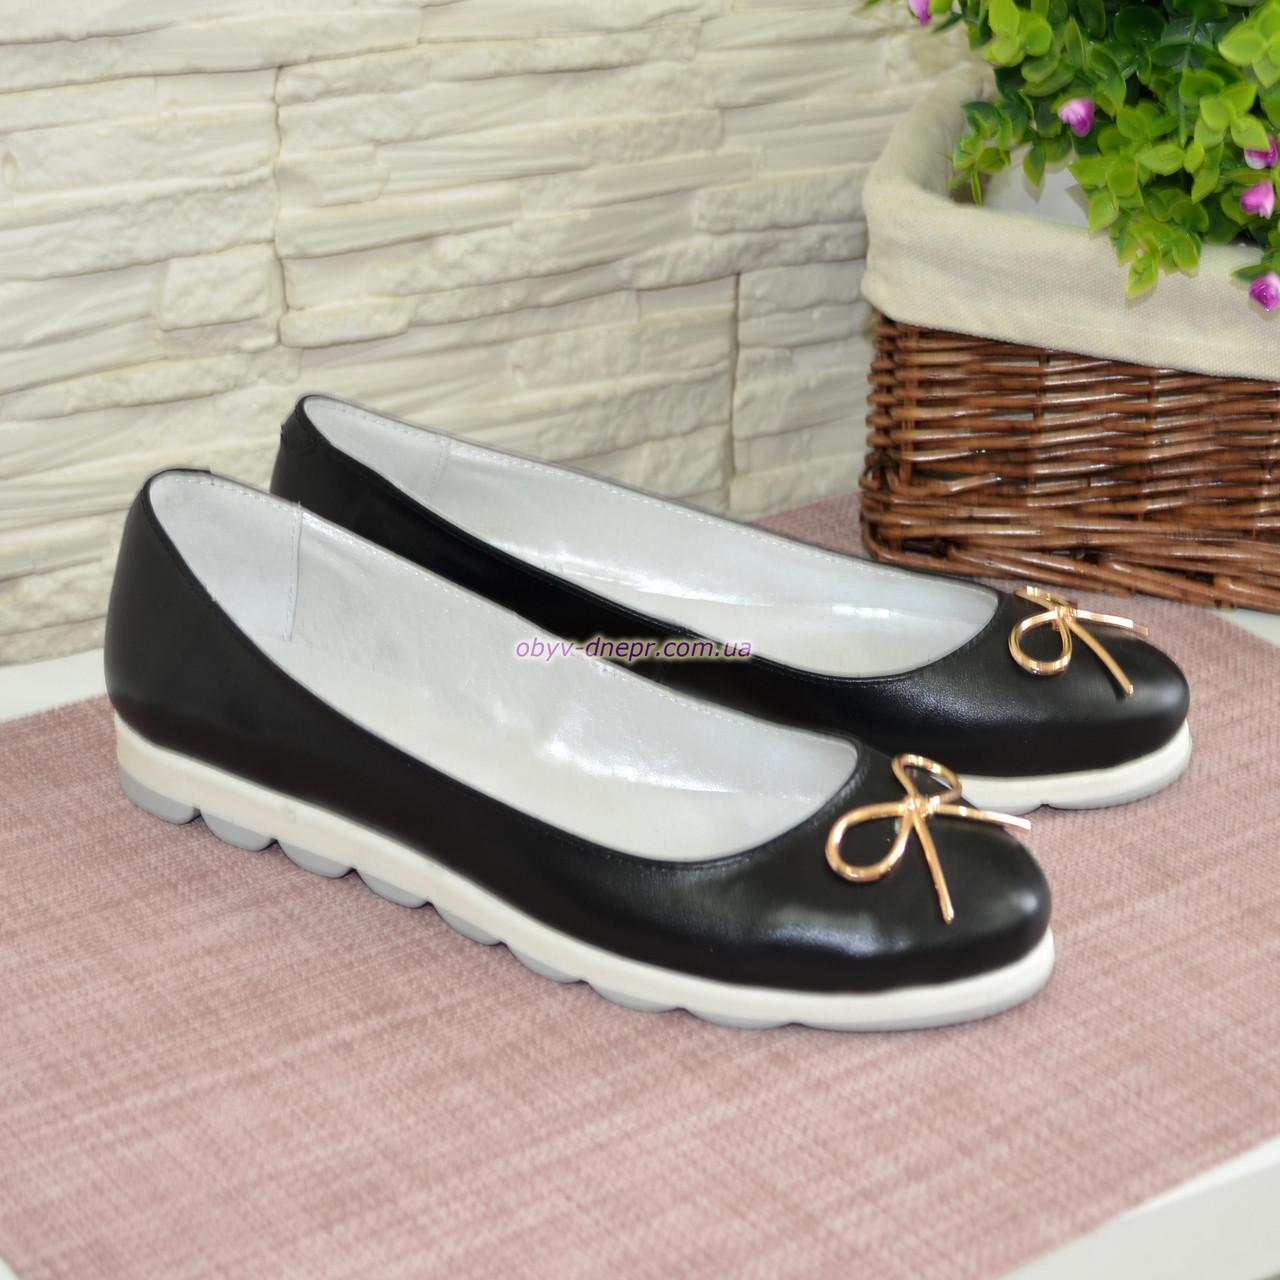 Женские черные туфли из натуральной кожи на низком ходу, декорированные металлическим бантиком